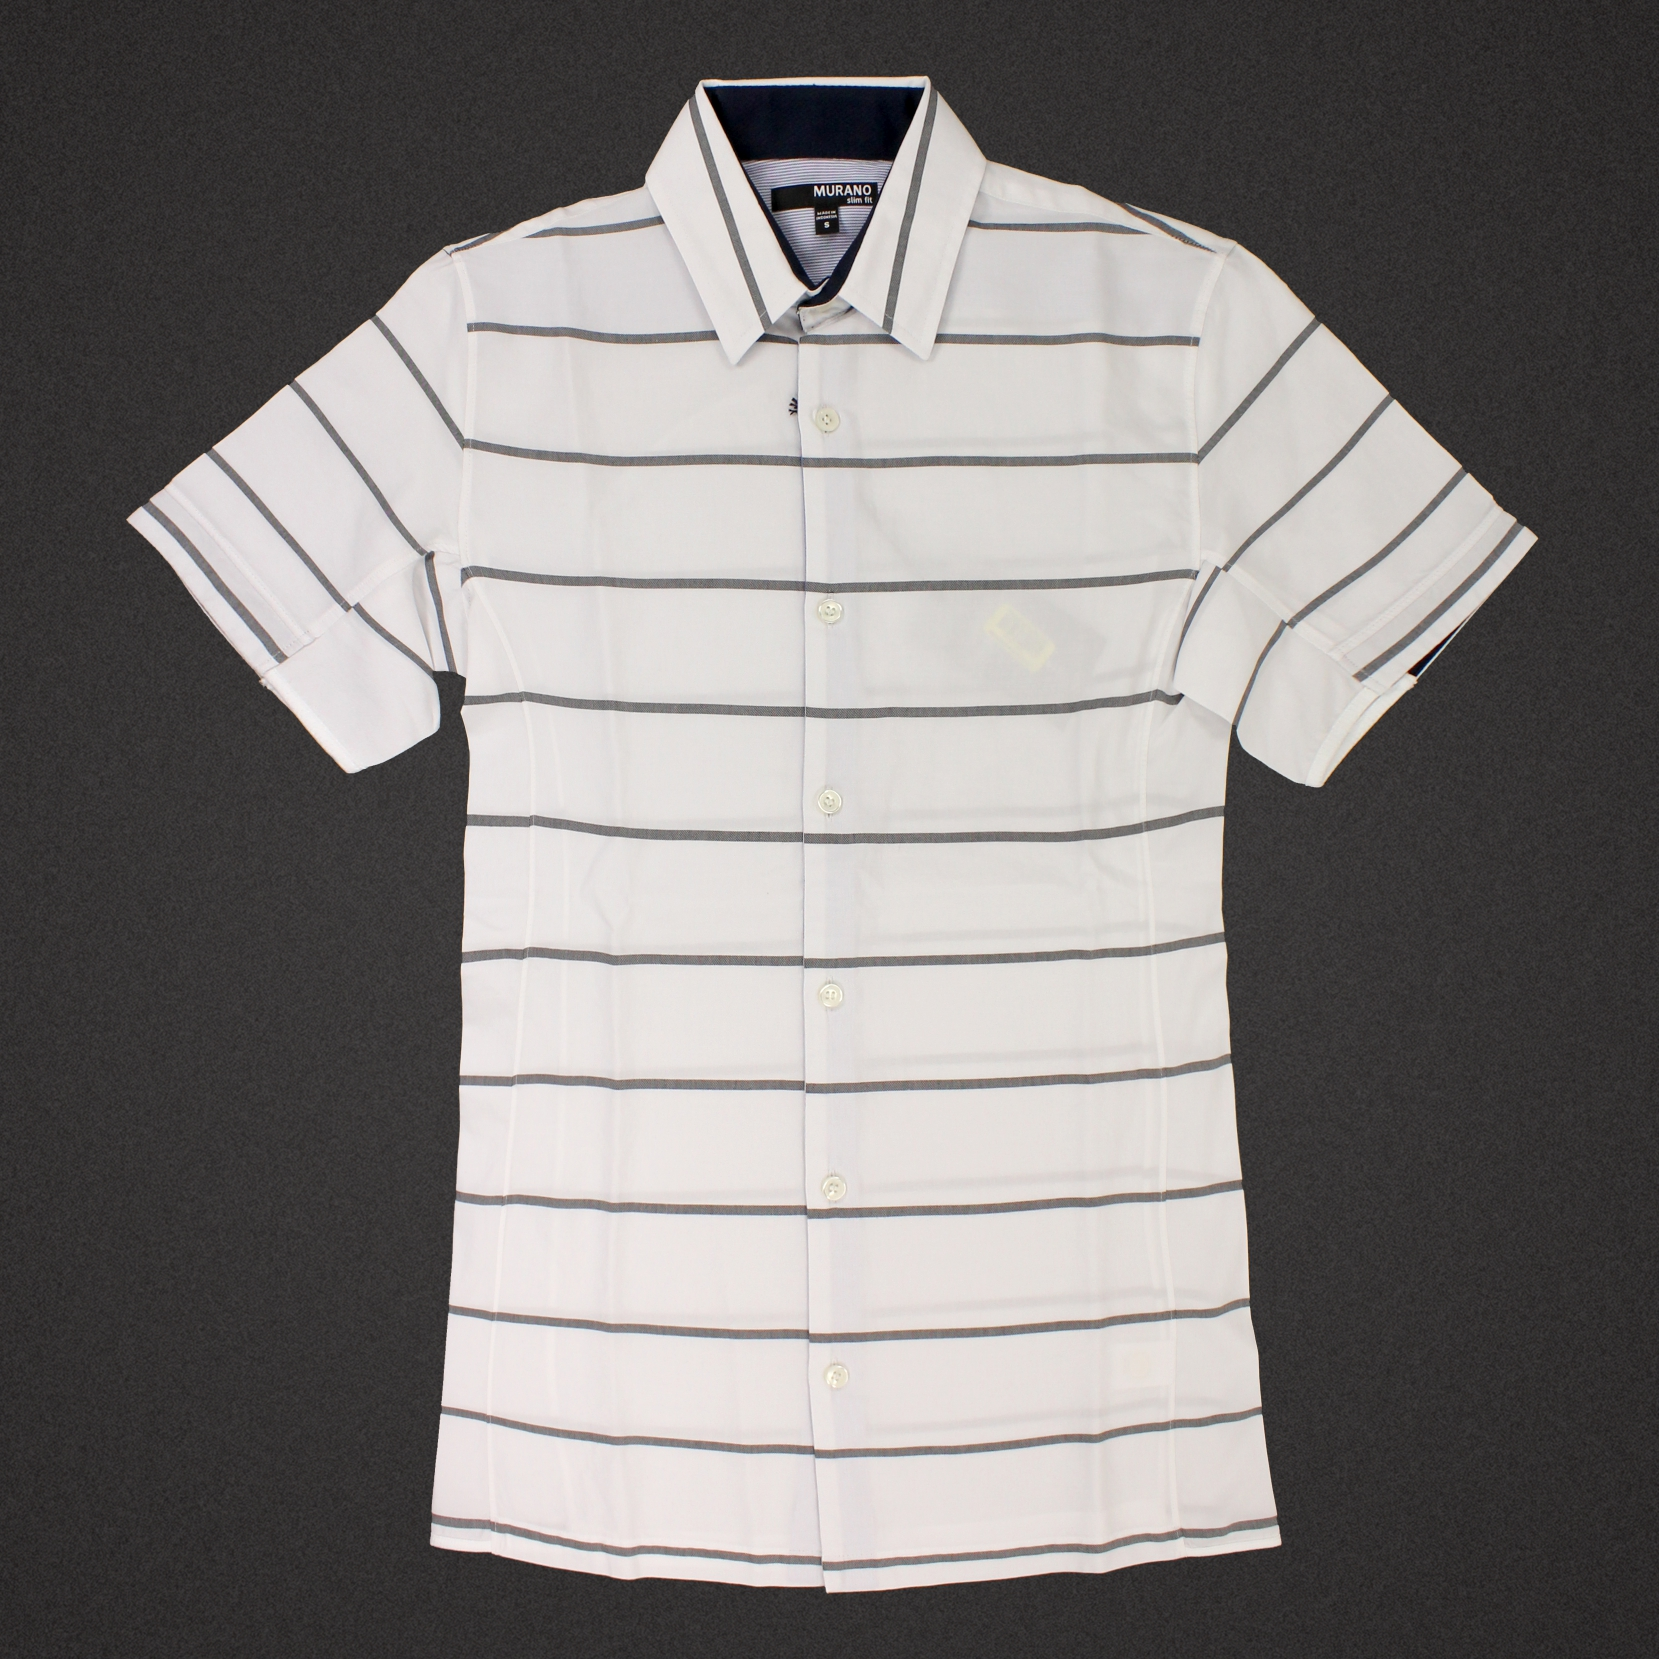 美國百分百【全新真品】MURANO 襯衫 短袖 上衣 上班 休閒 條紋 專櫃 合身 黑 白色 男 XS號 E189